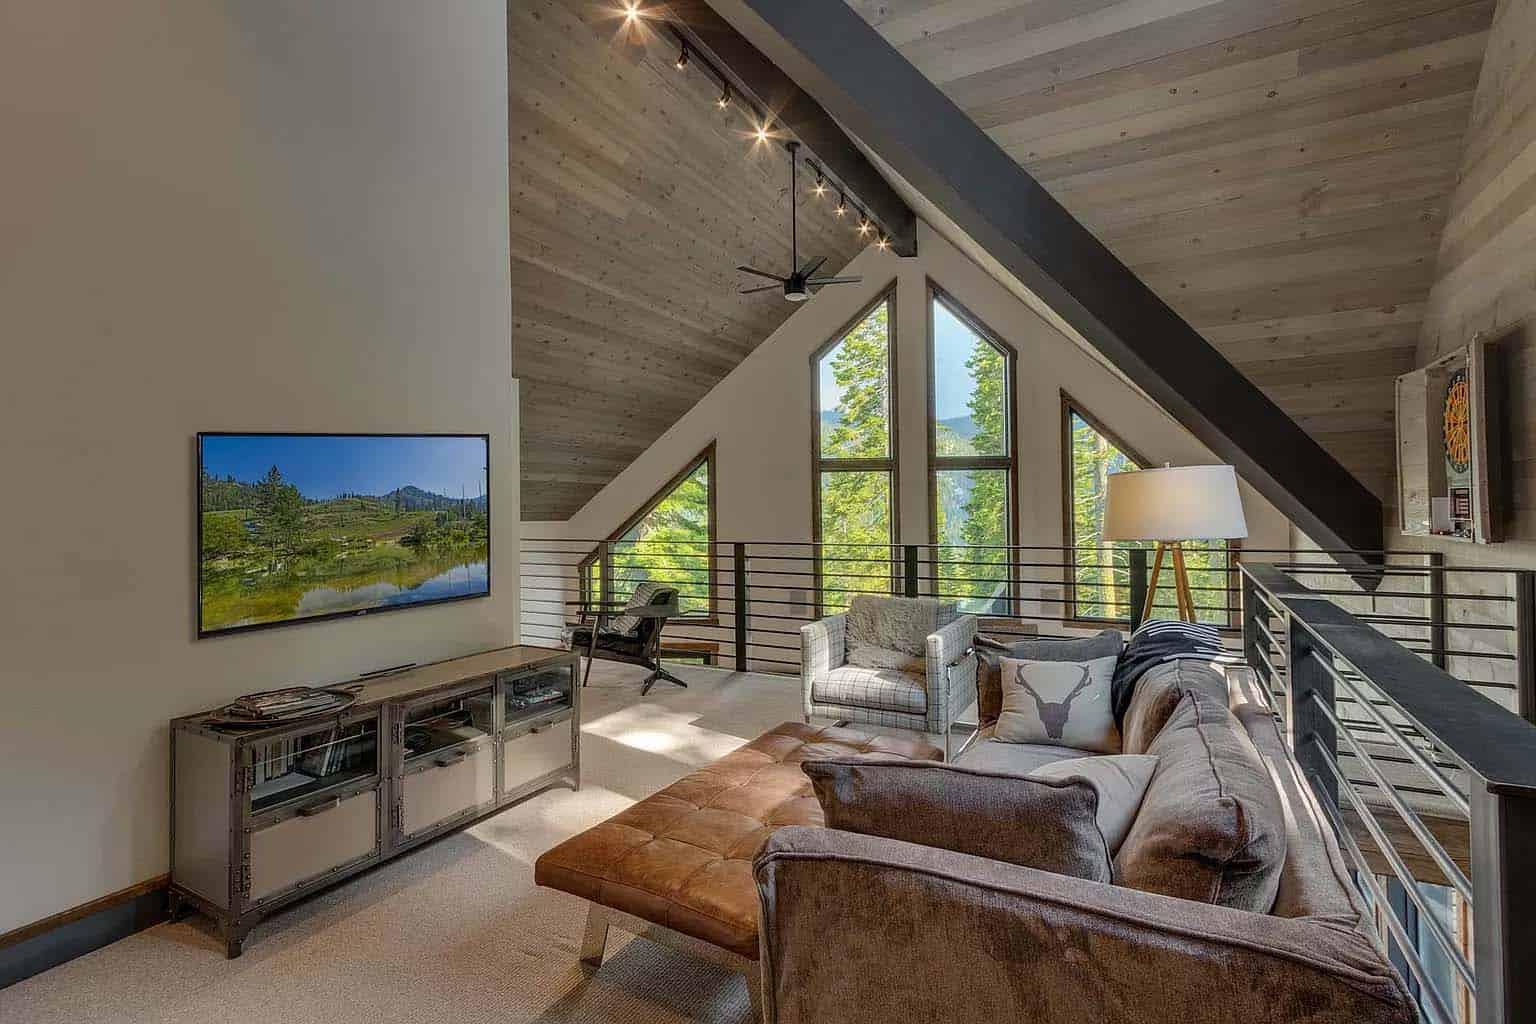 chambre-familiale-chalet-moderne-montagne